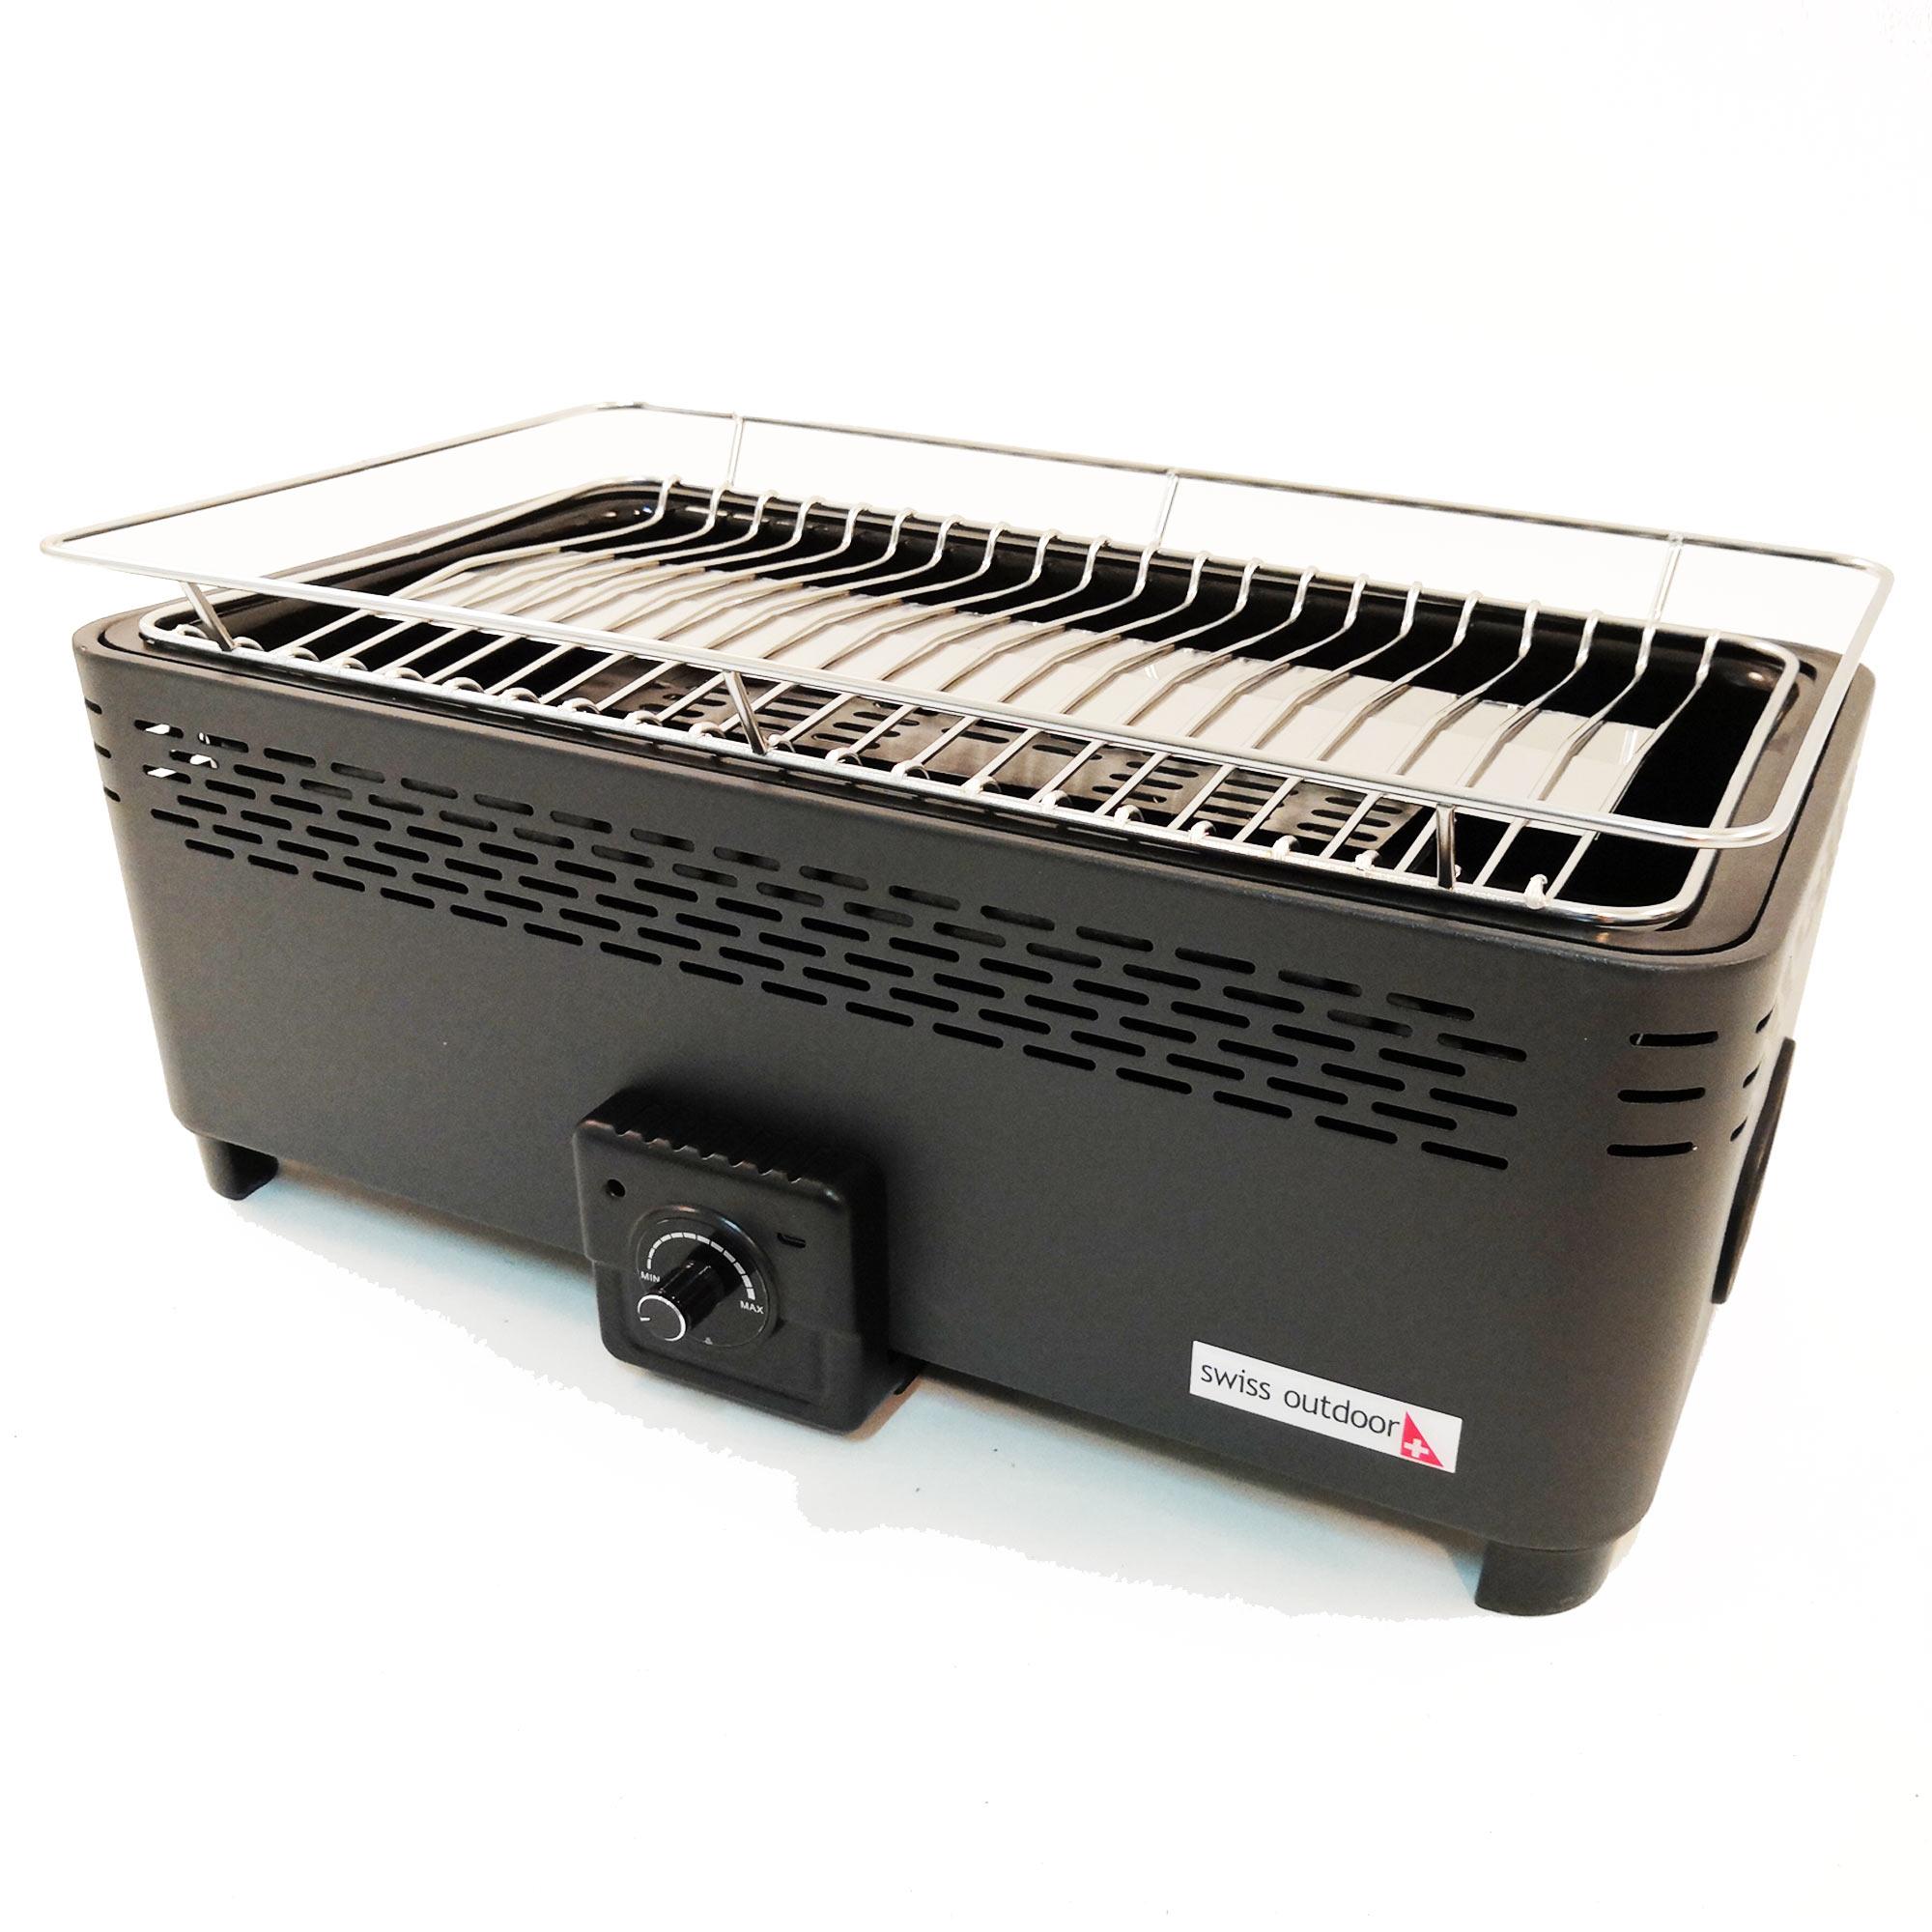 swiss outdoor montreux-400 rauchfreier tisch-grill bbq mit lüfter in